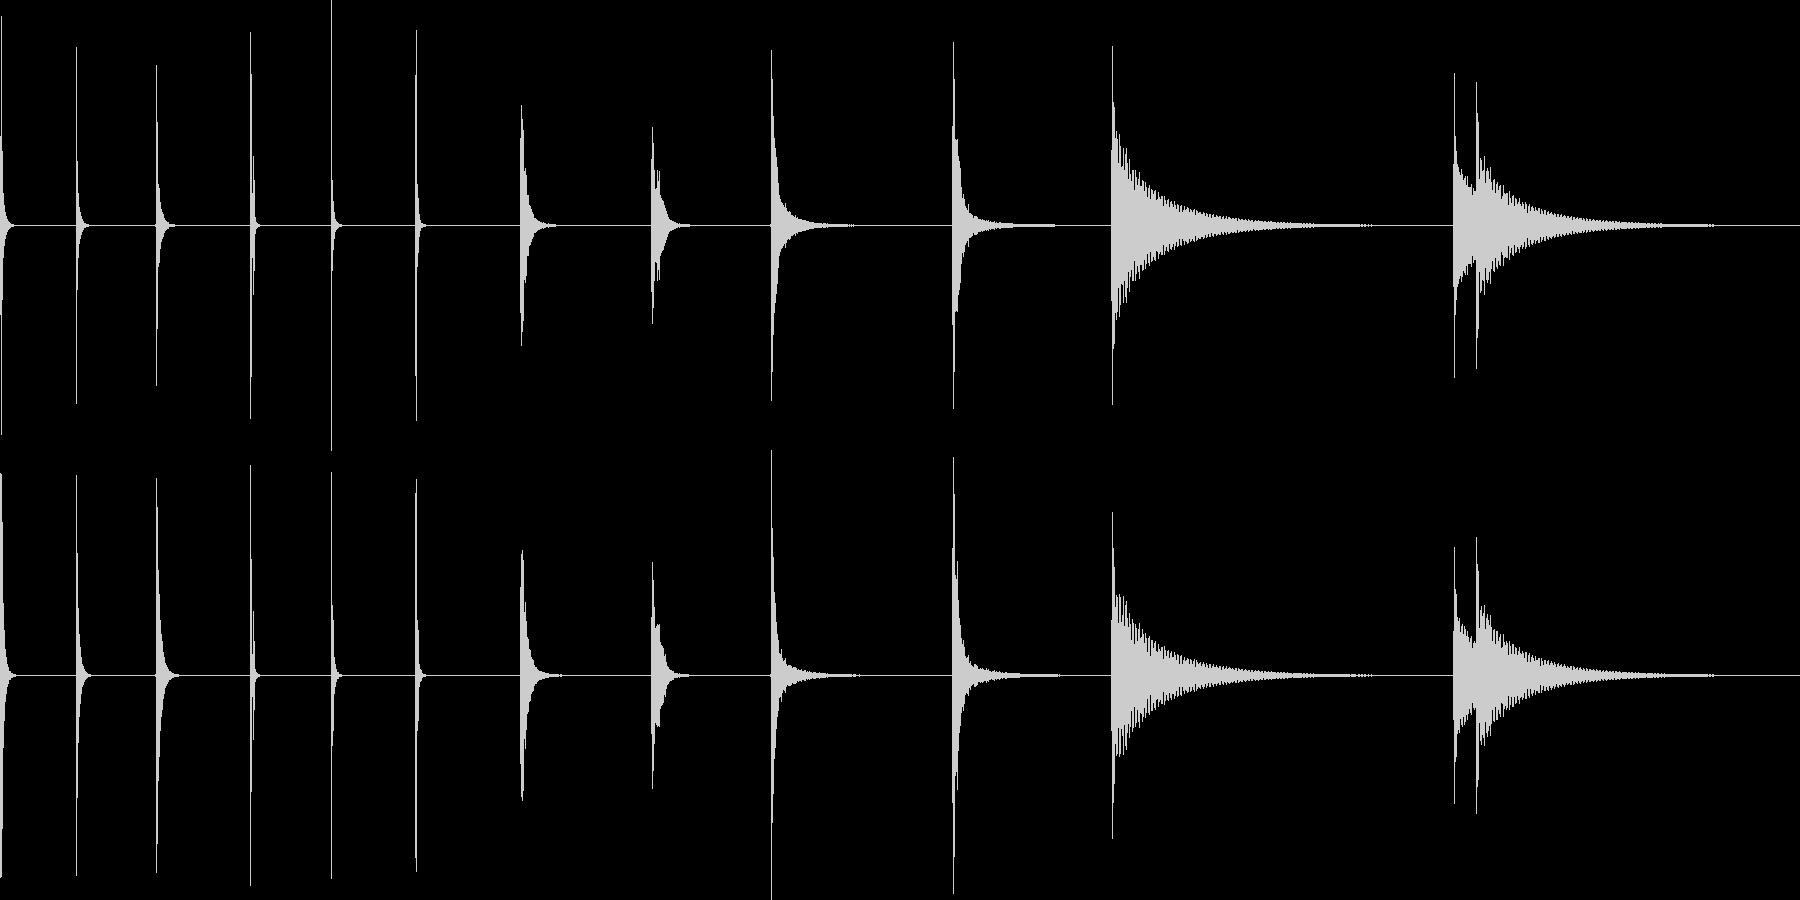 シートメタル、JAR、CAN、イン...の未再生の波形